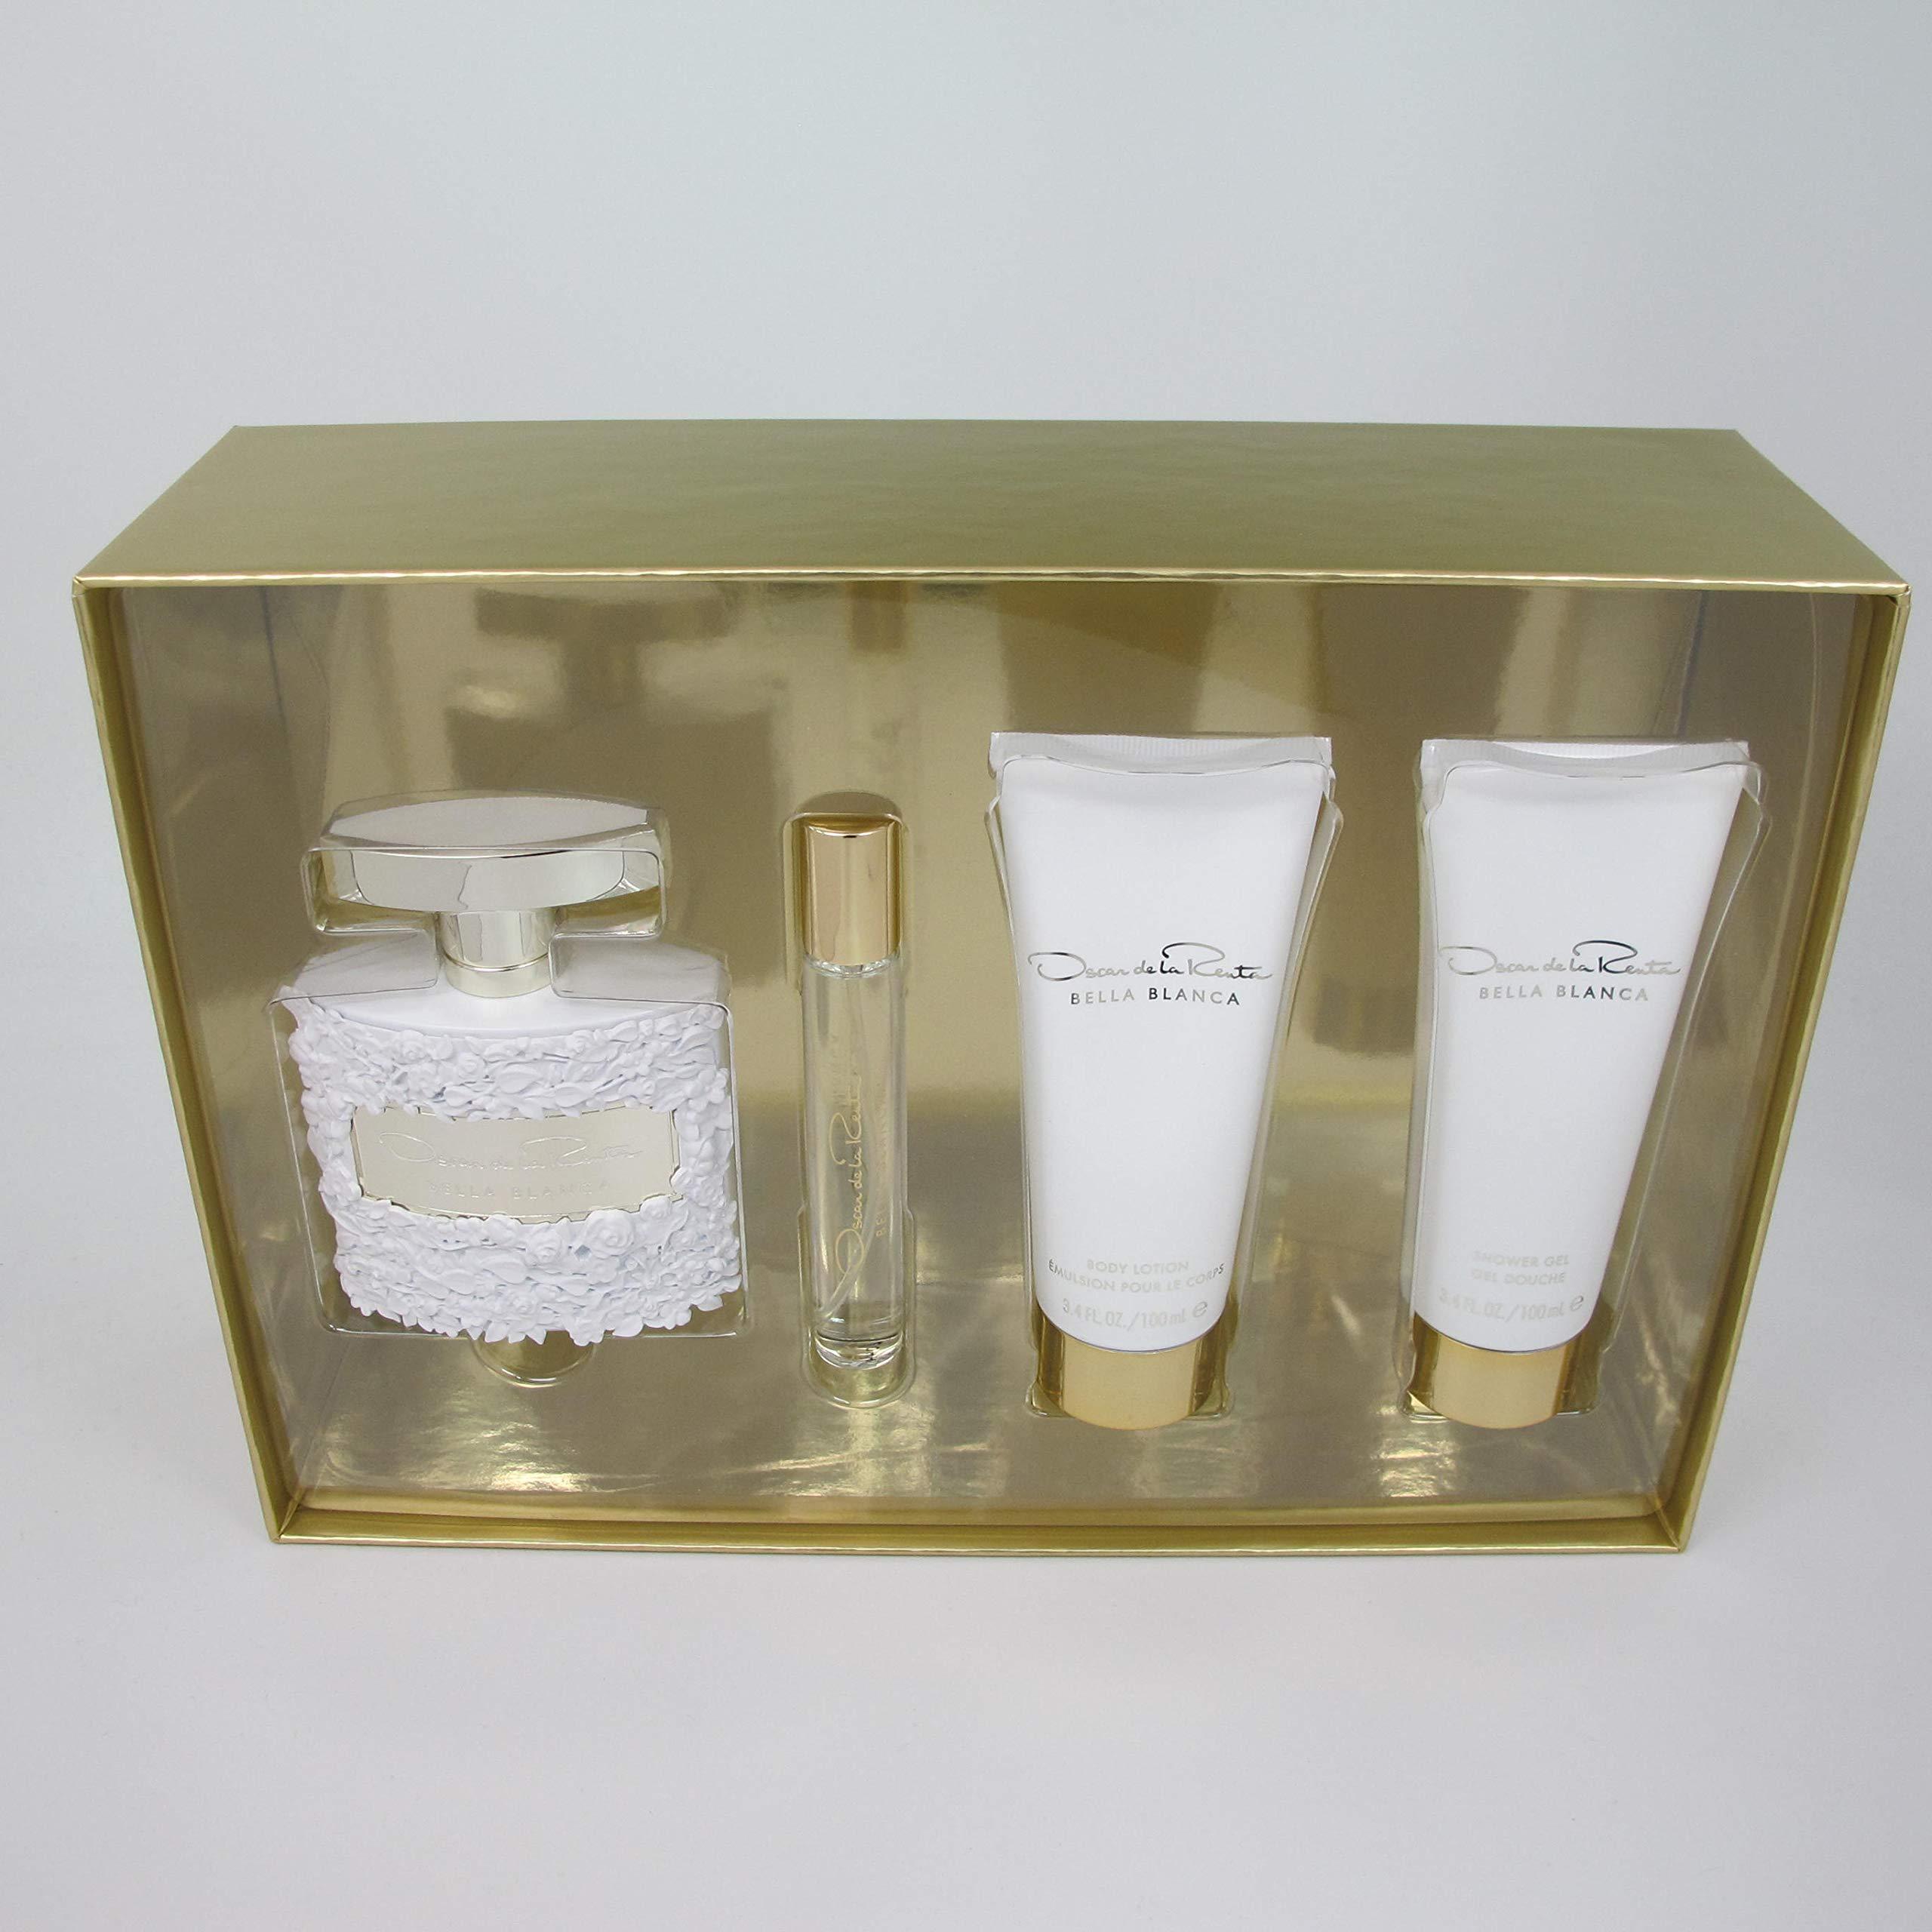 4-Pc. Bella Blanca Gift Set